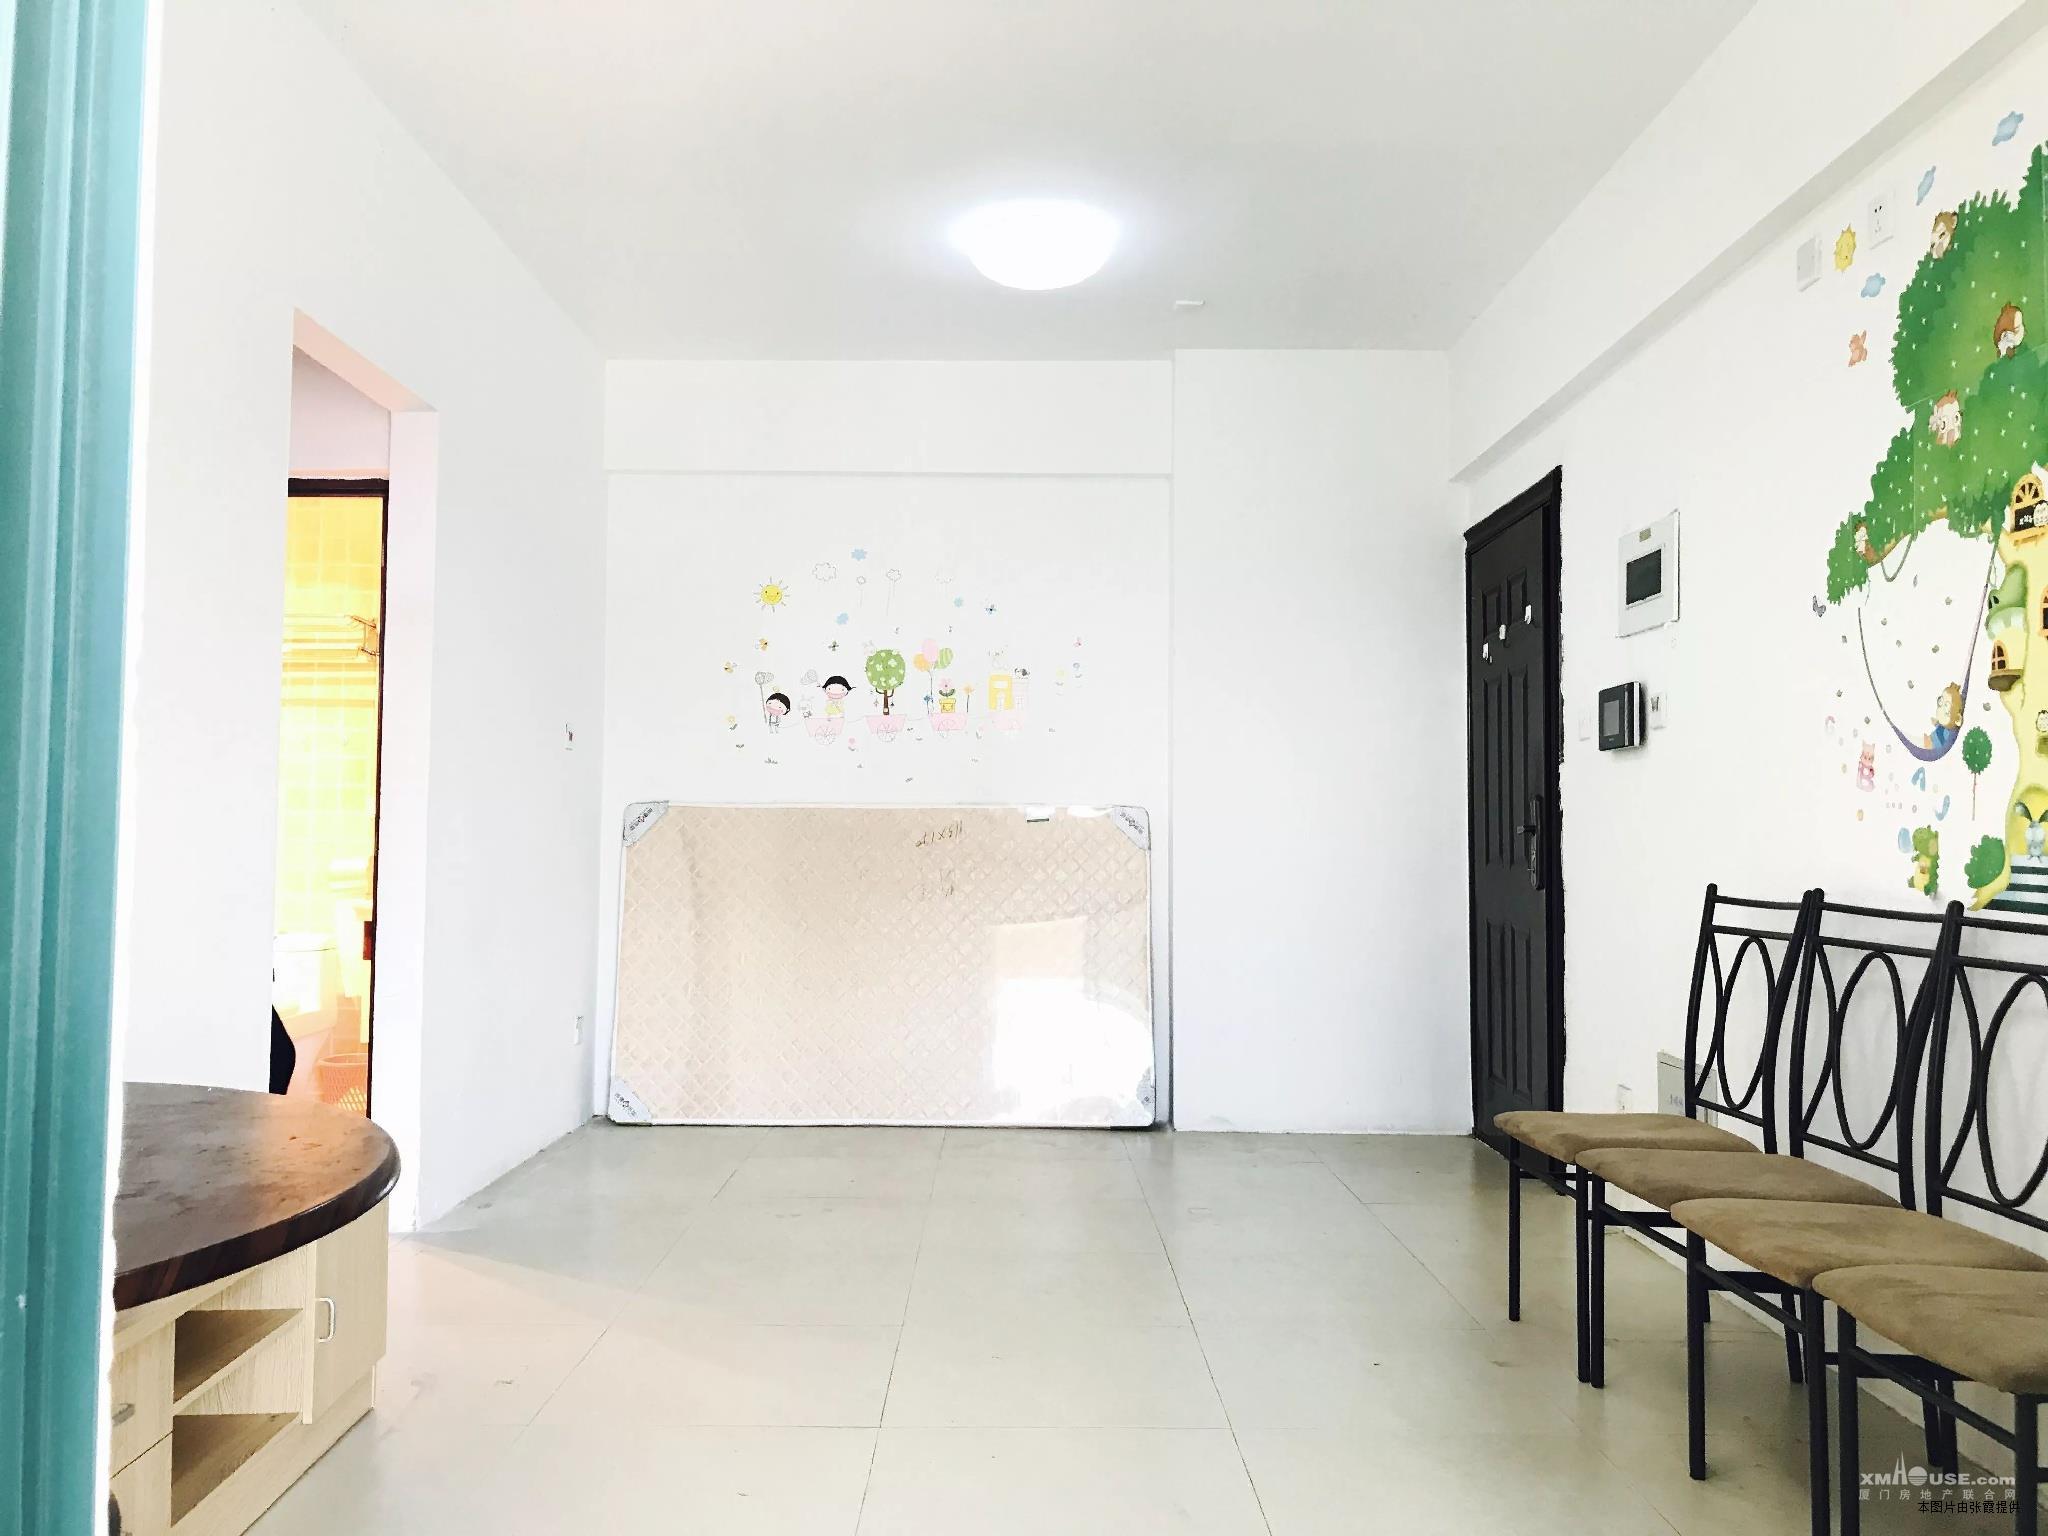 优先小户型单身公寓落户陪读总价低集美二小红树康桥